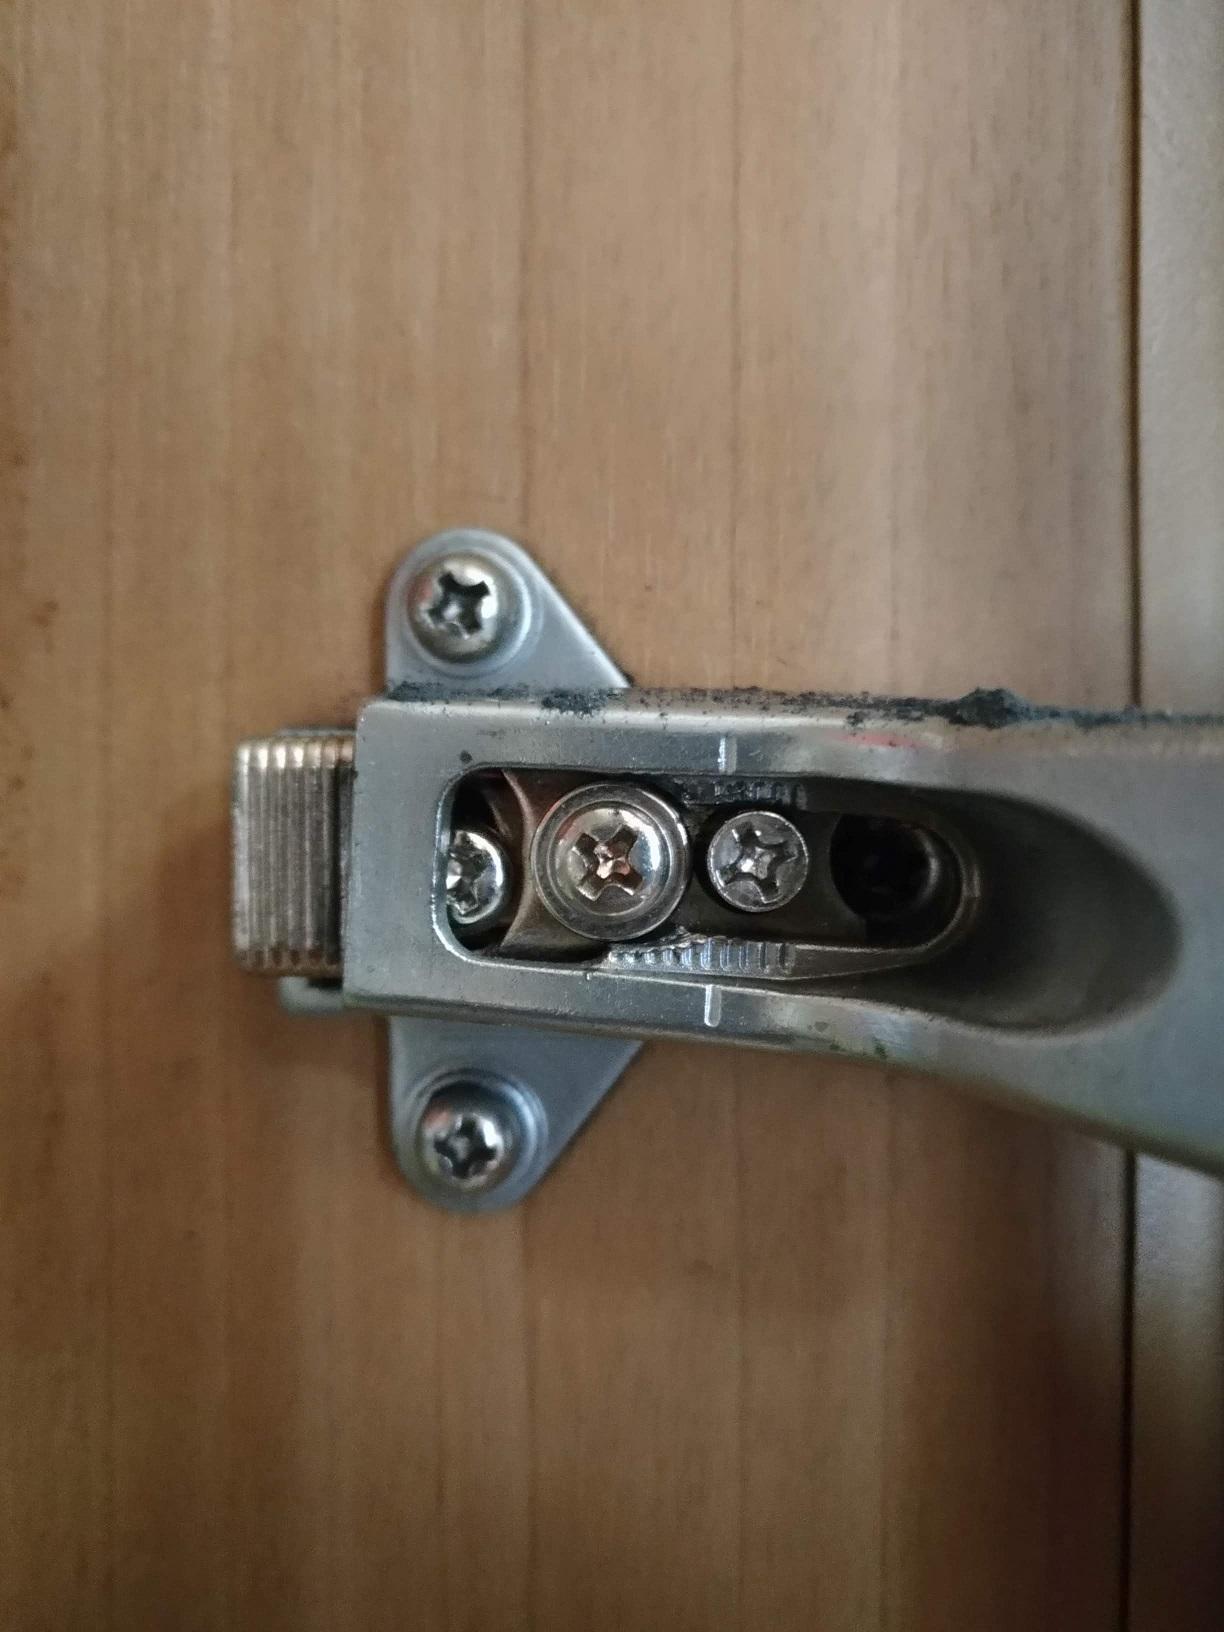 上下のビスは座金の固定用。真ん中のビスは左から扉上下調節ねじ、本体固定ねじ、かぶせ量調整ネジとなっています。